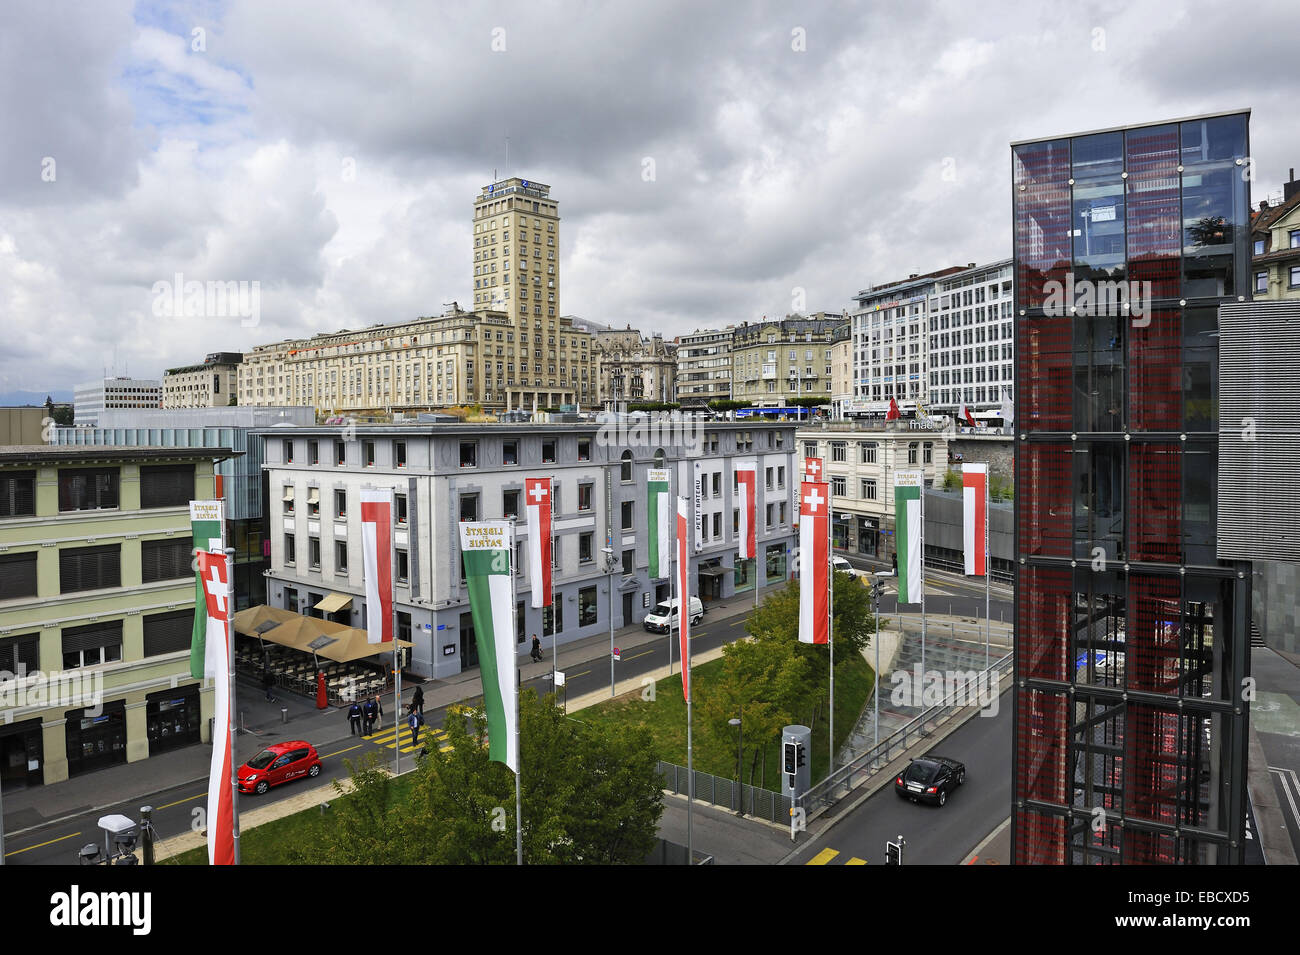 Antecedentes La arquitectura de Bel Air bridge cantón de Vaud color image confederación Europa elevador Imagen De Stock